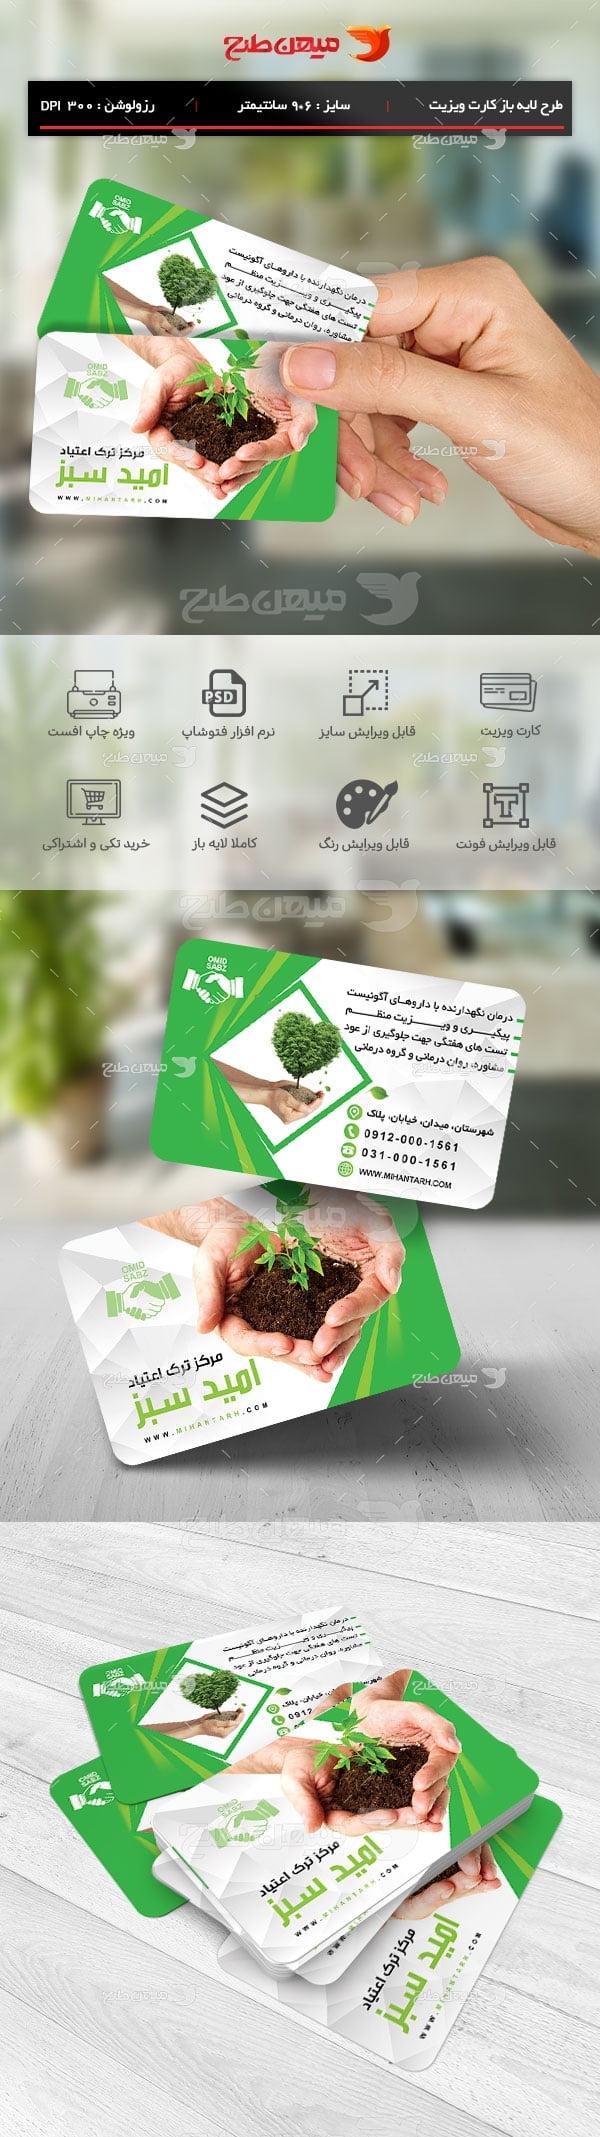 طرح لایه باز کارت ویزیت مرکز ترک اعتیاد امید سبز